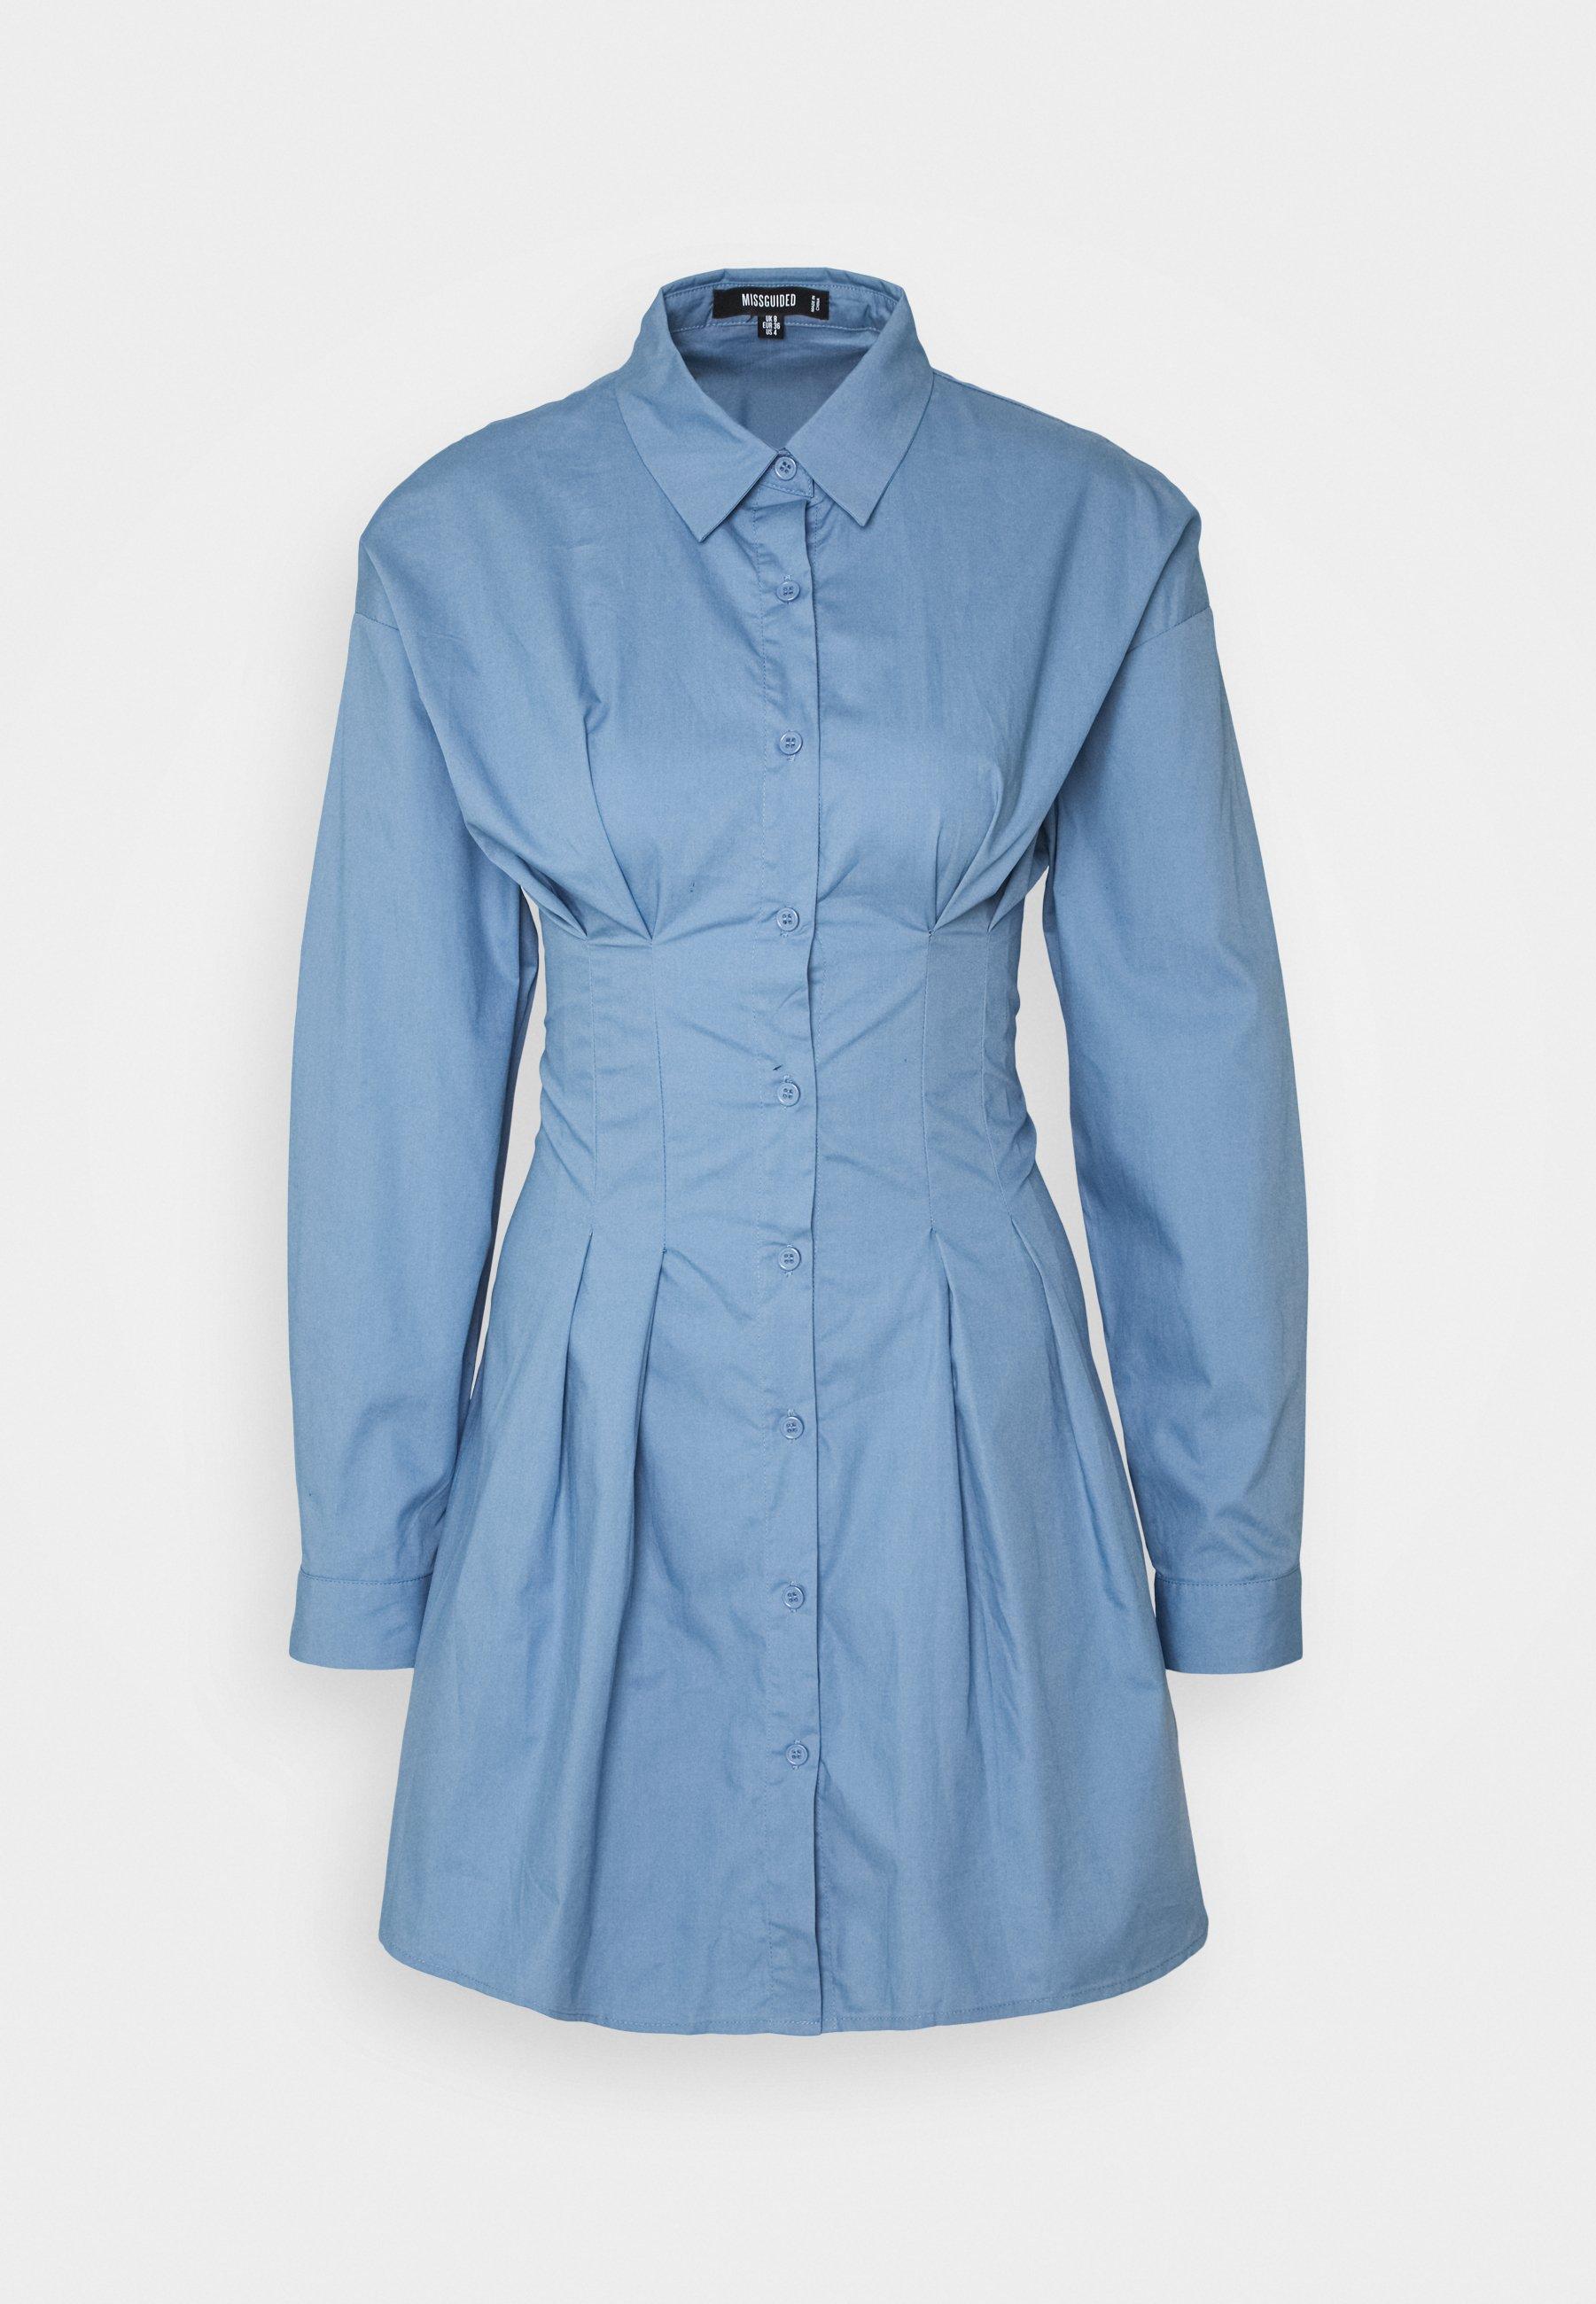 Women CORSET WAIST BACK SHIRT DRESS POPLIN - Shirt dress